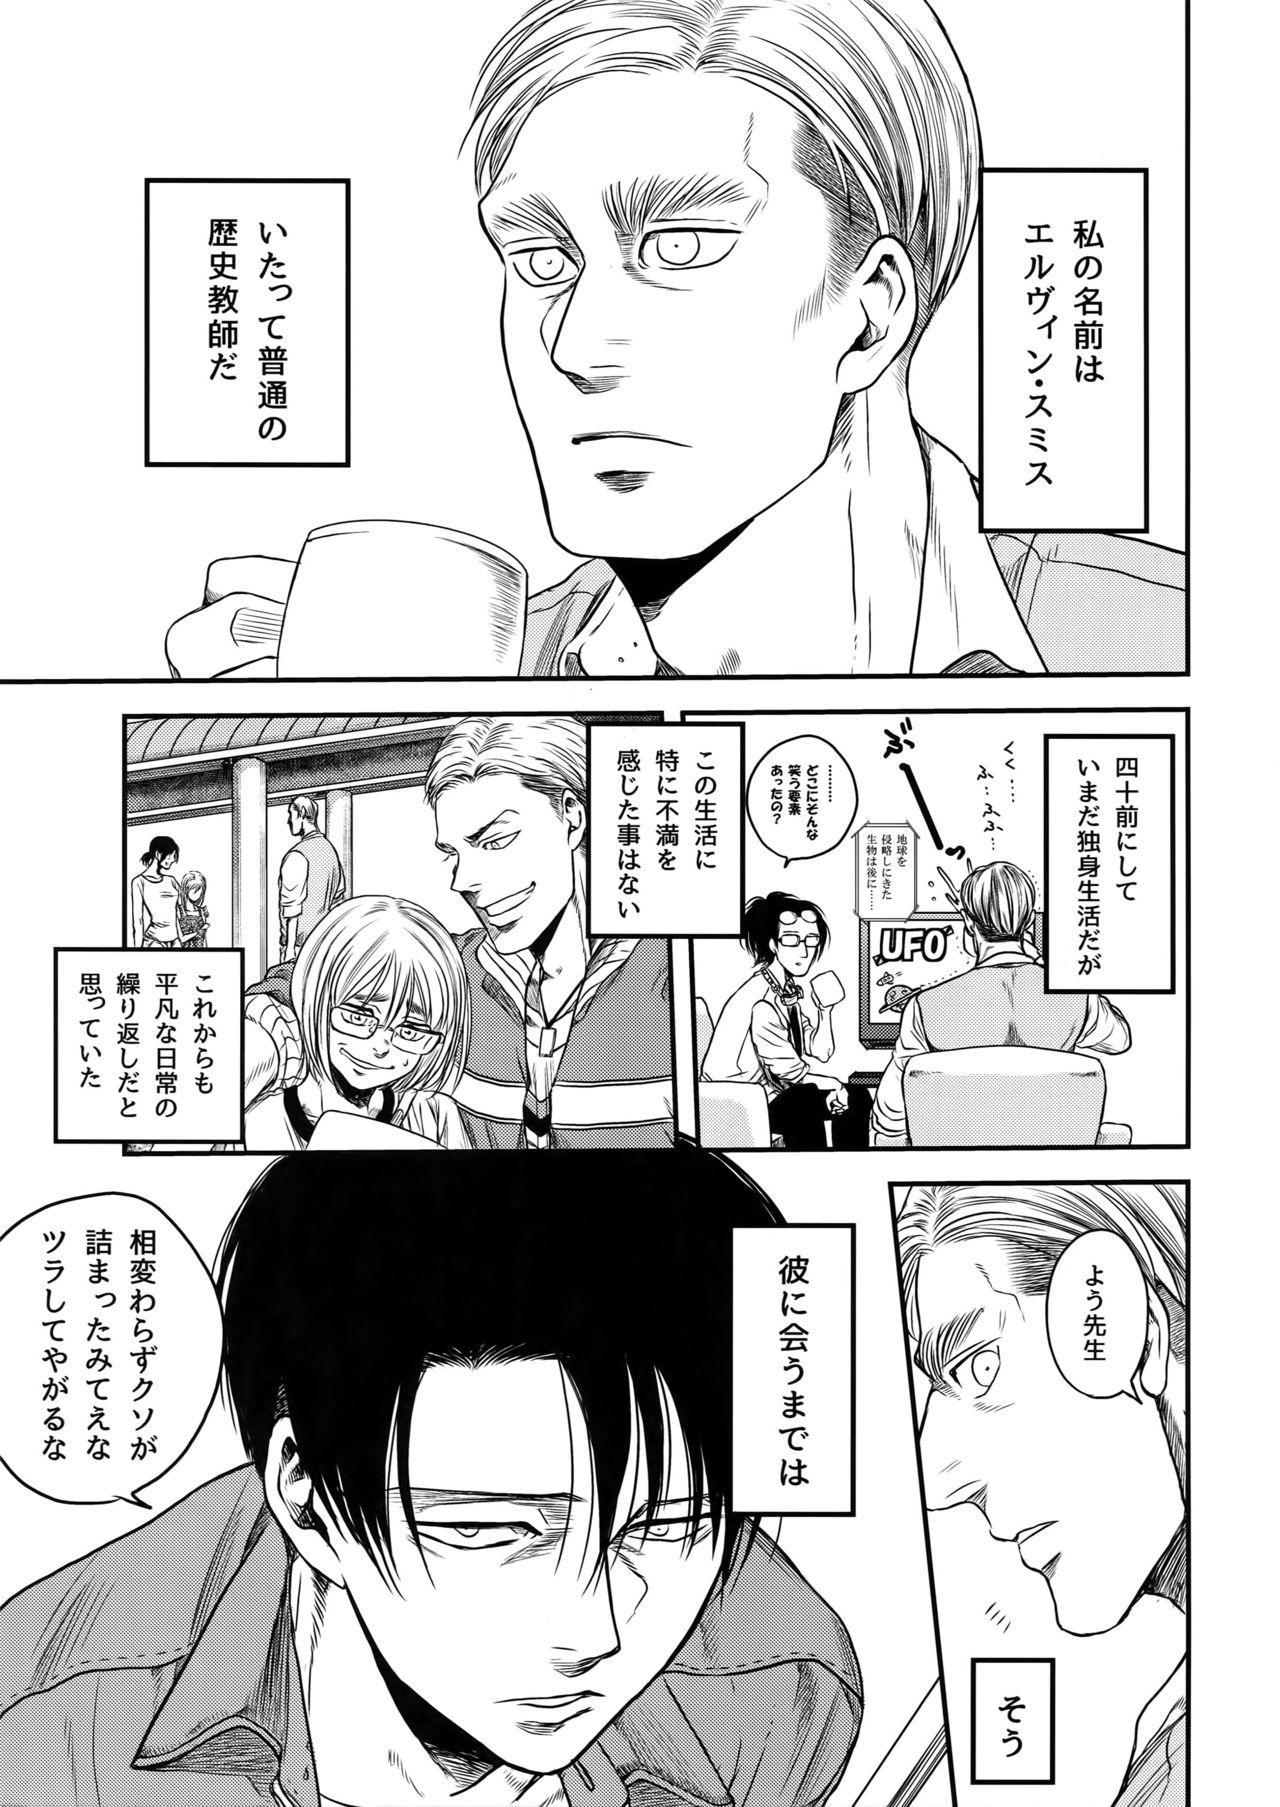 Rekishi Kyoushi to Seisouin 1